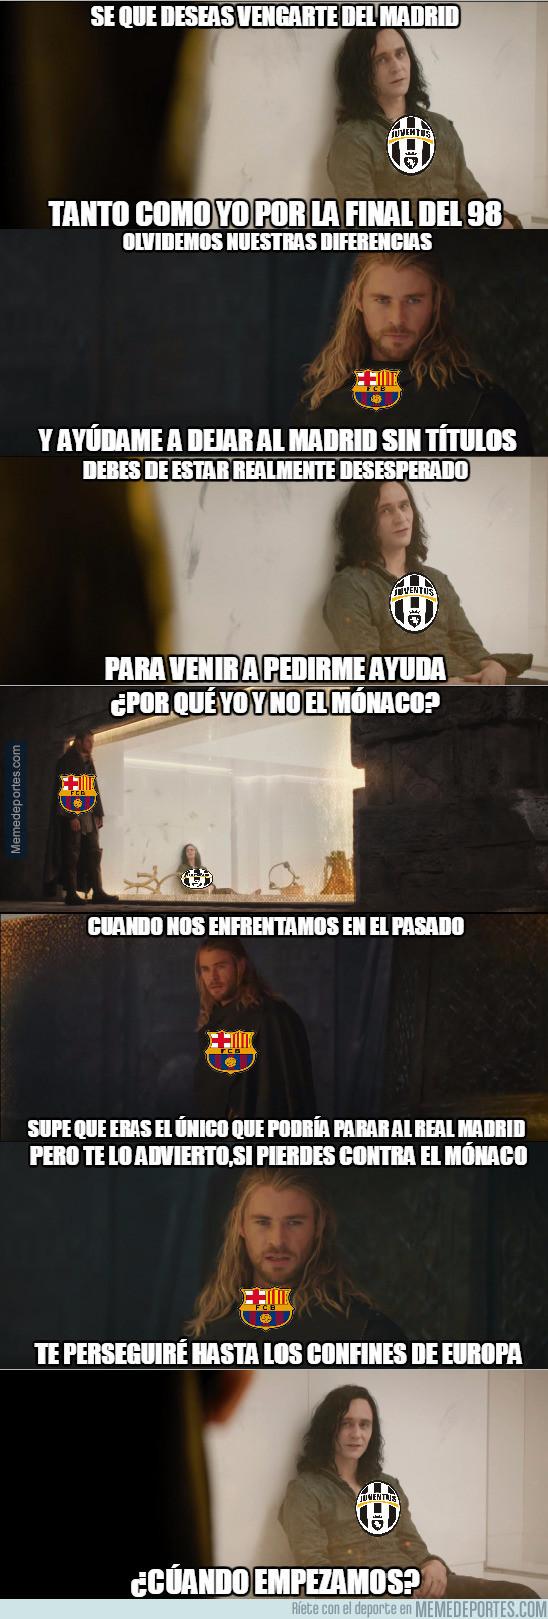 972954 - Barça, la cueva oscura donde nace la conspiración contra el Madrid